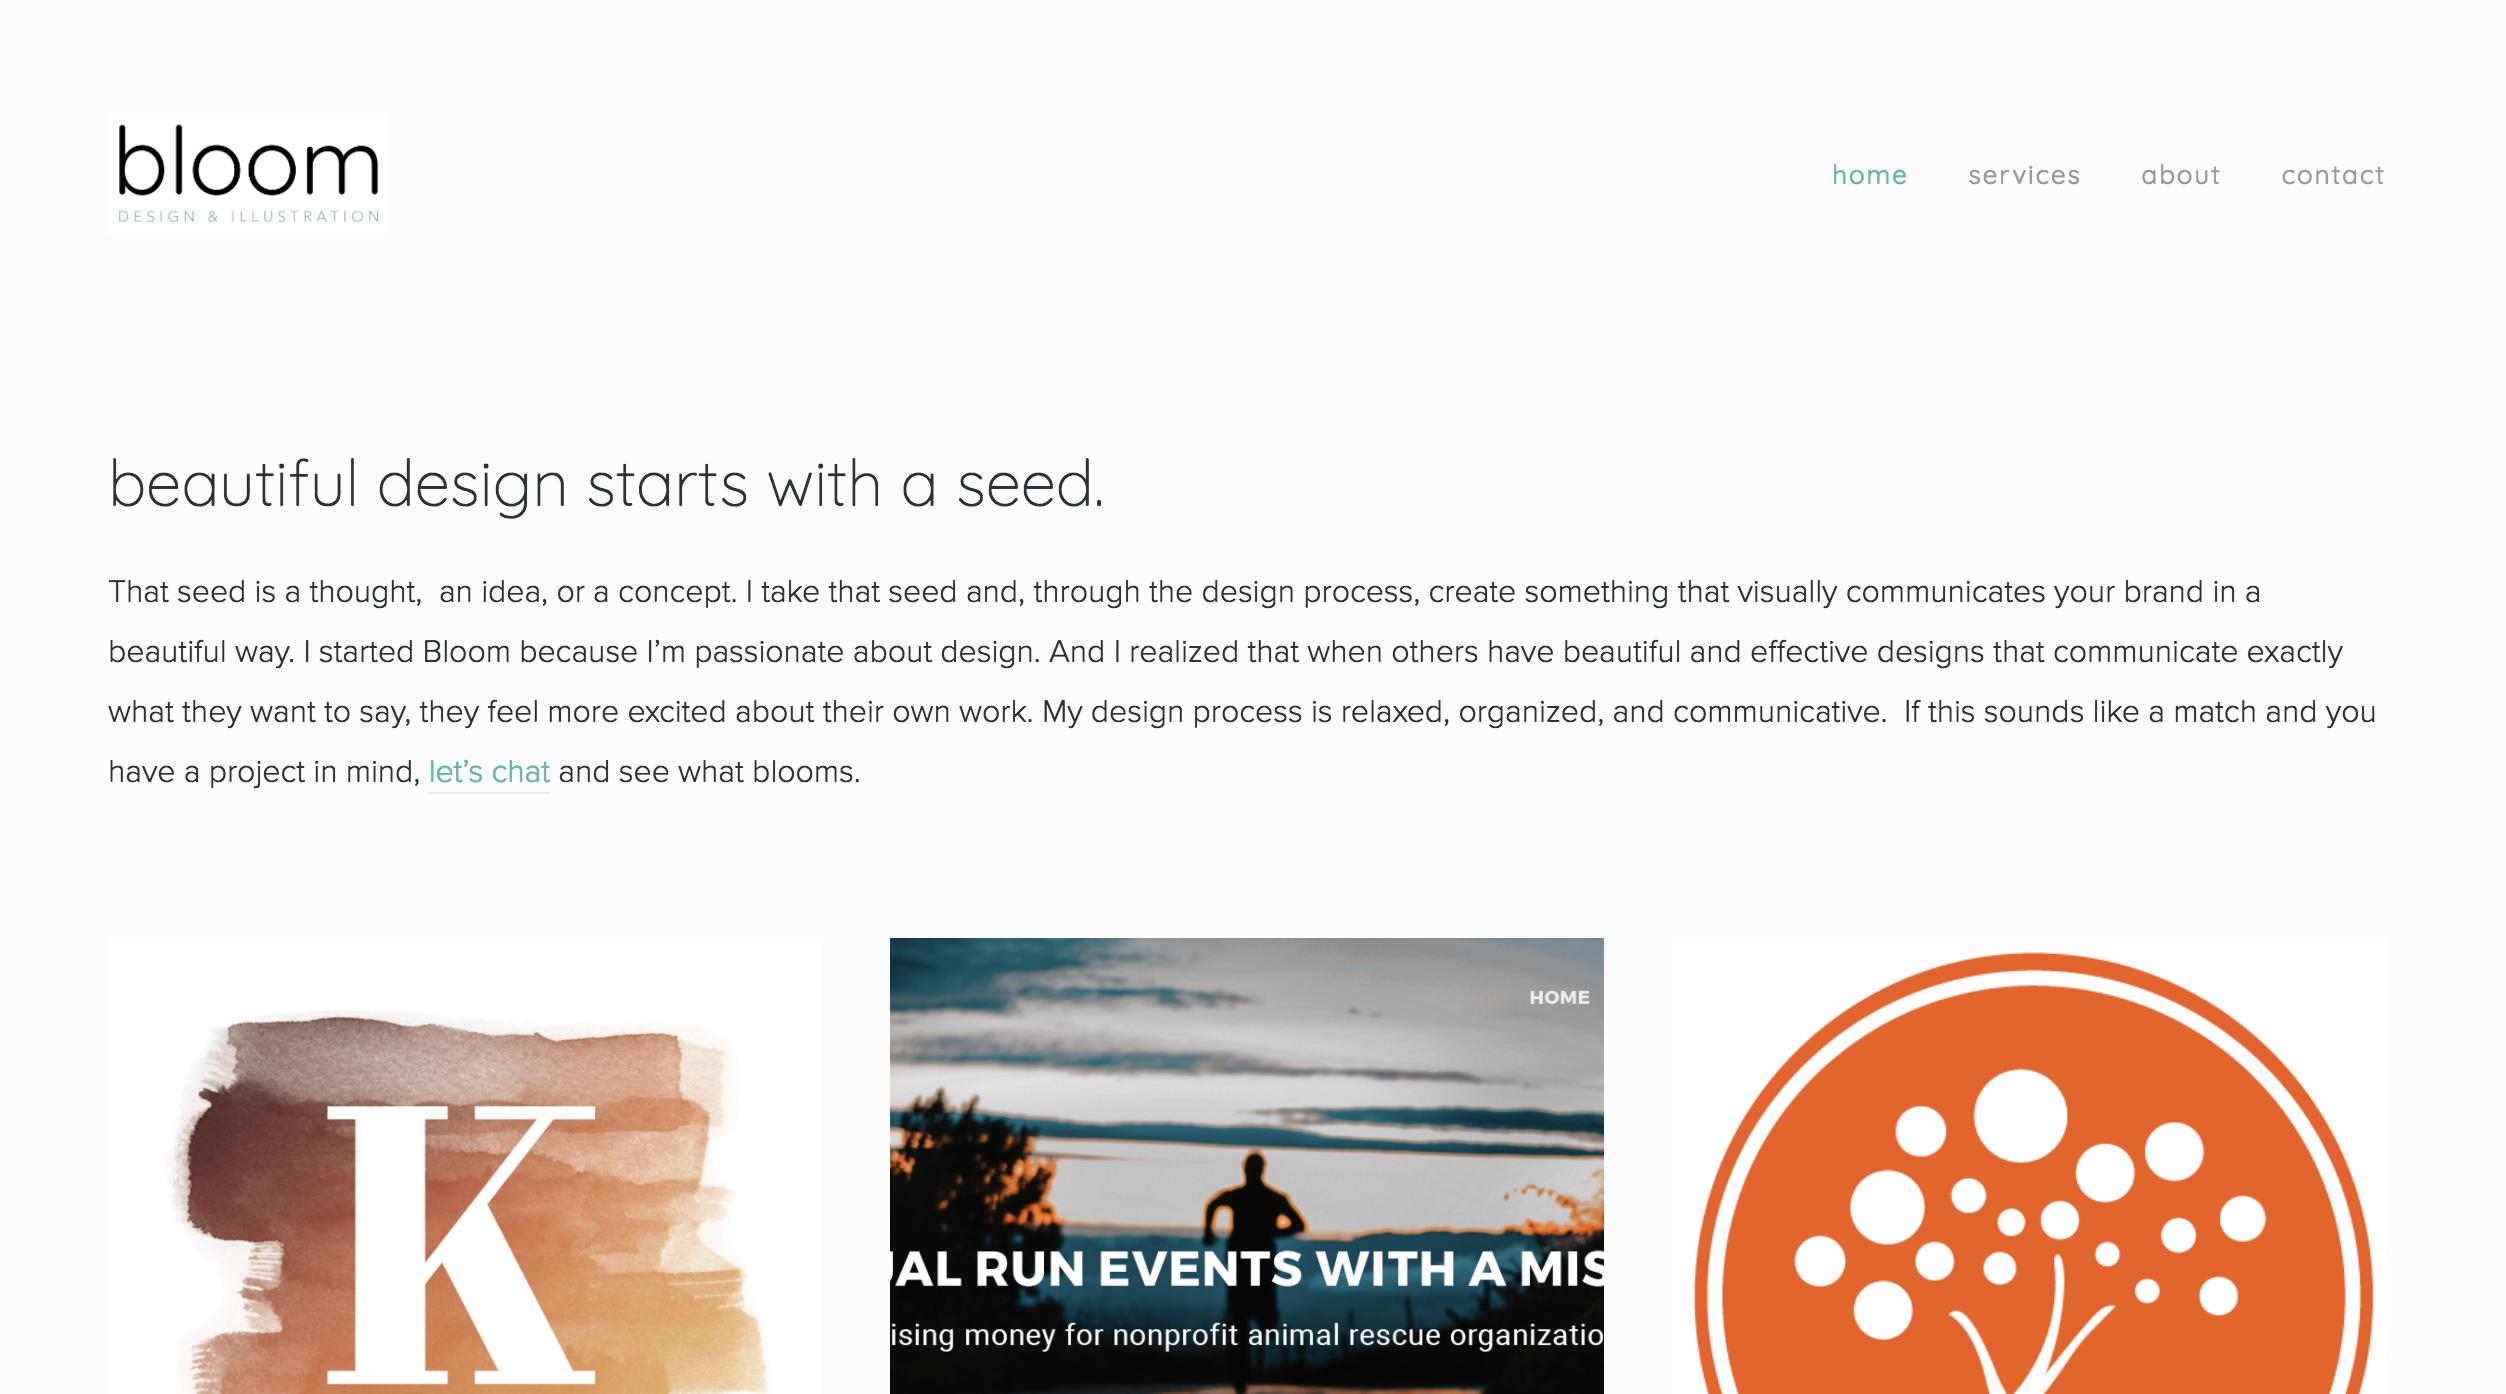 Bloom Design & Illustration homepage